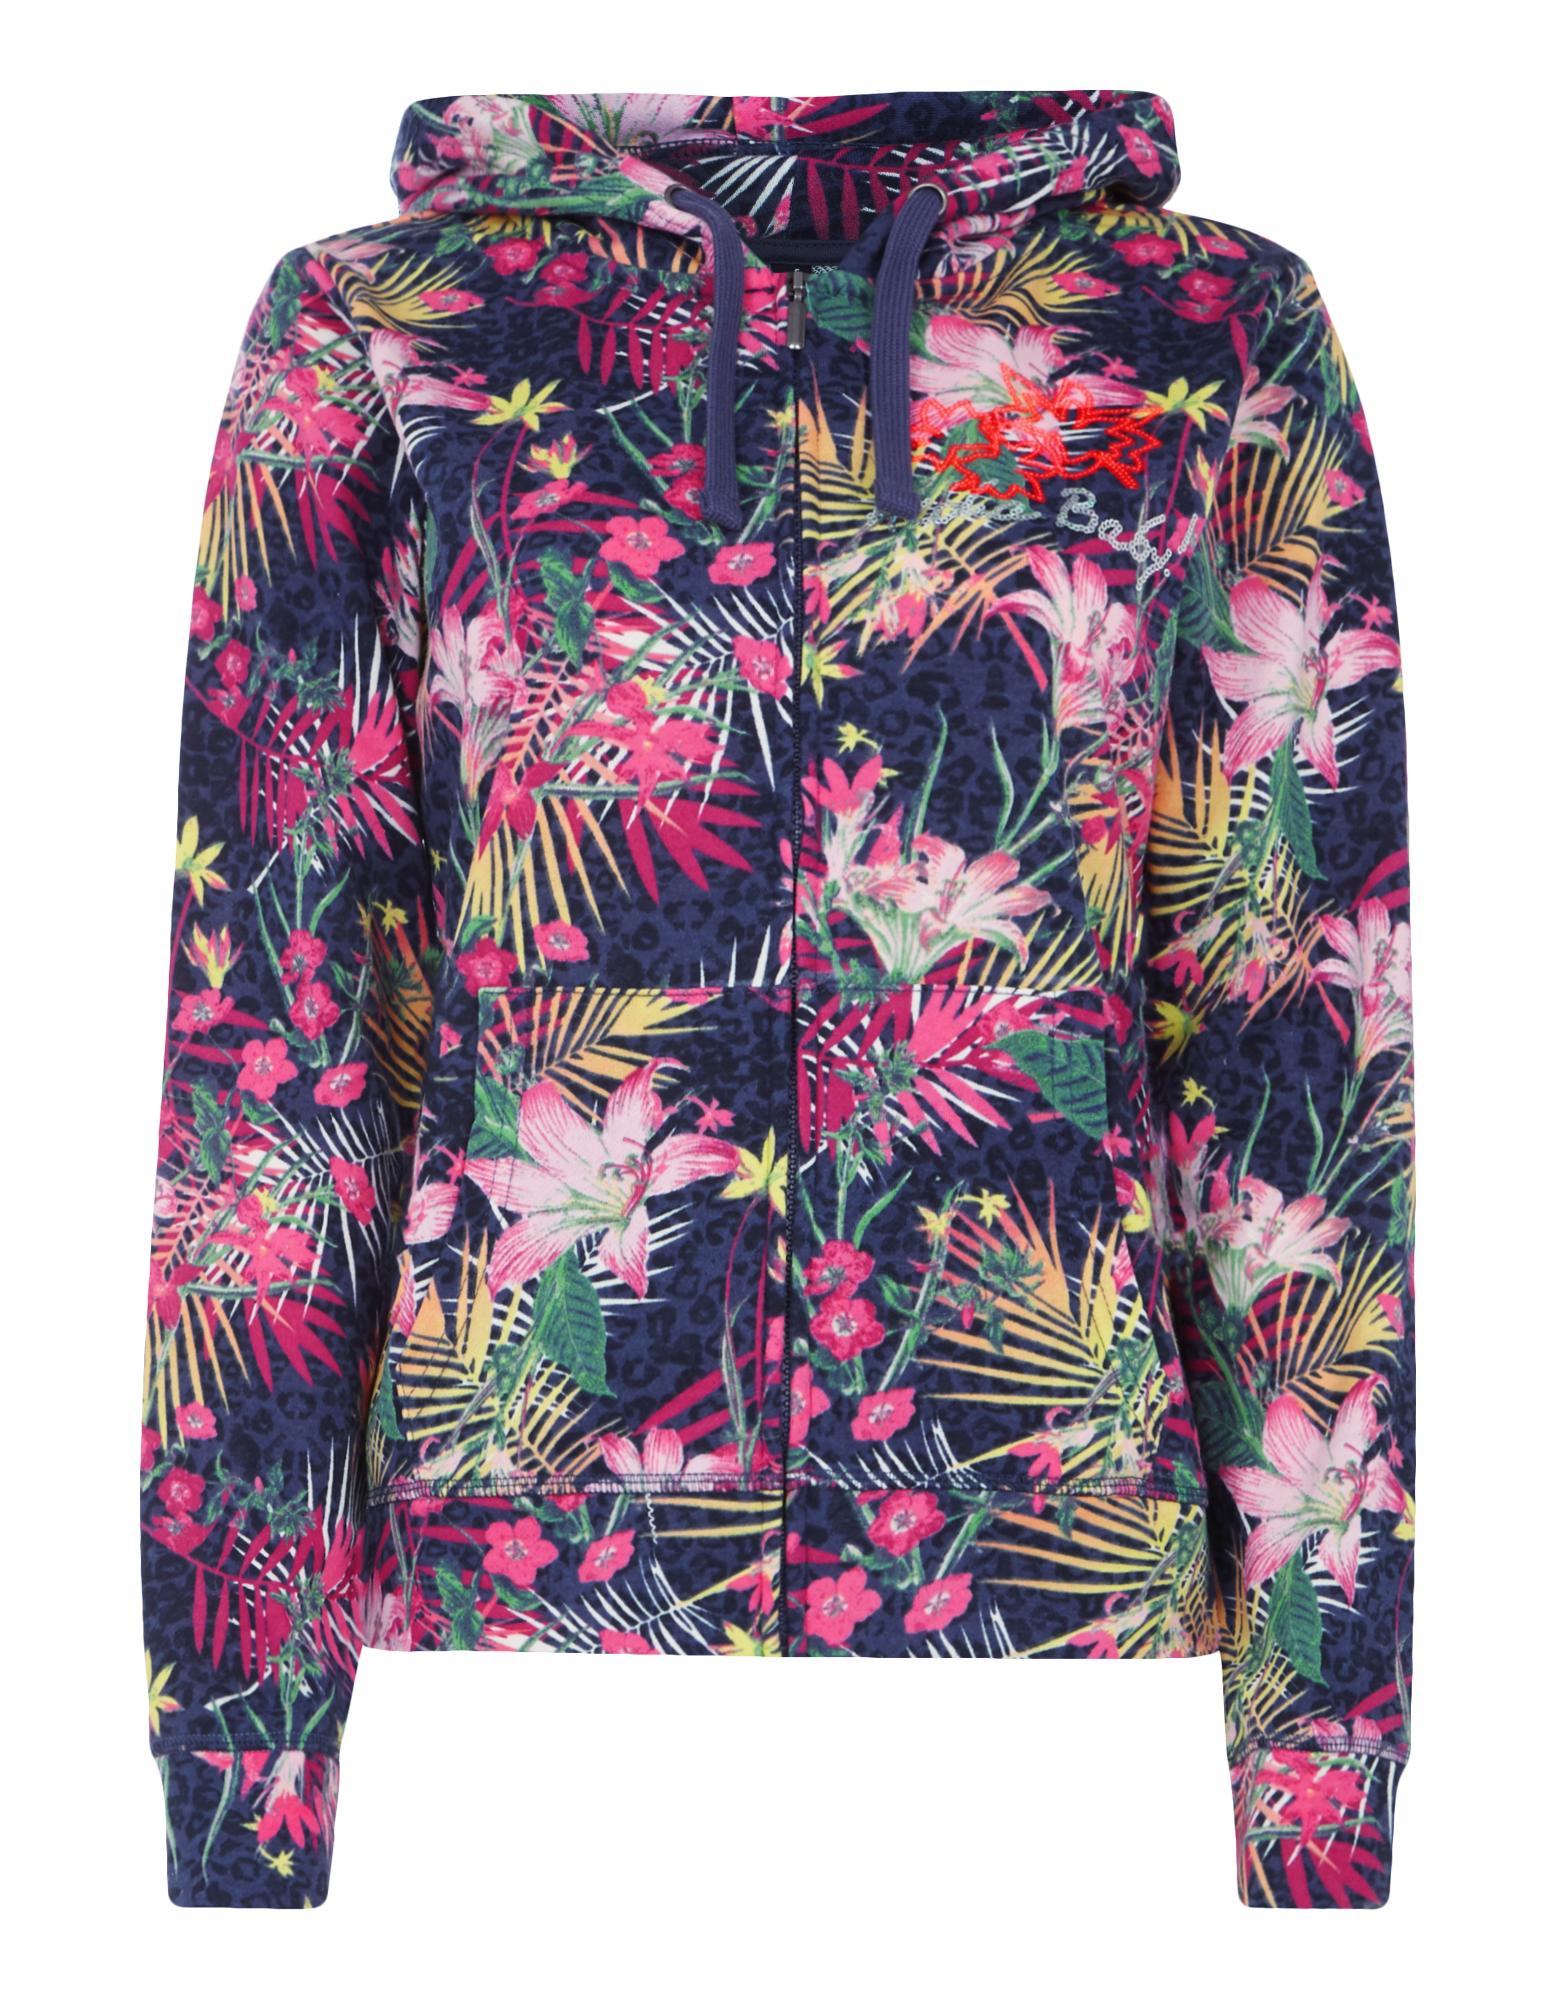 Damen Sweatjacke mit Allover-Muster - Takko Fashion